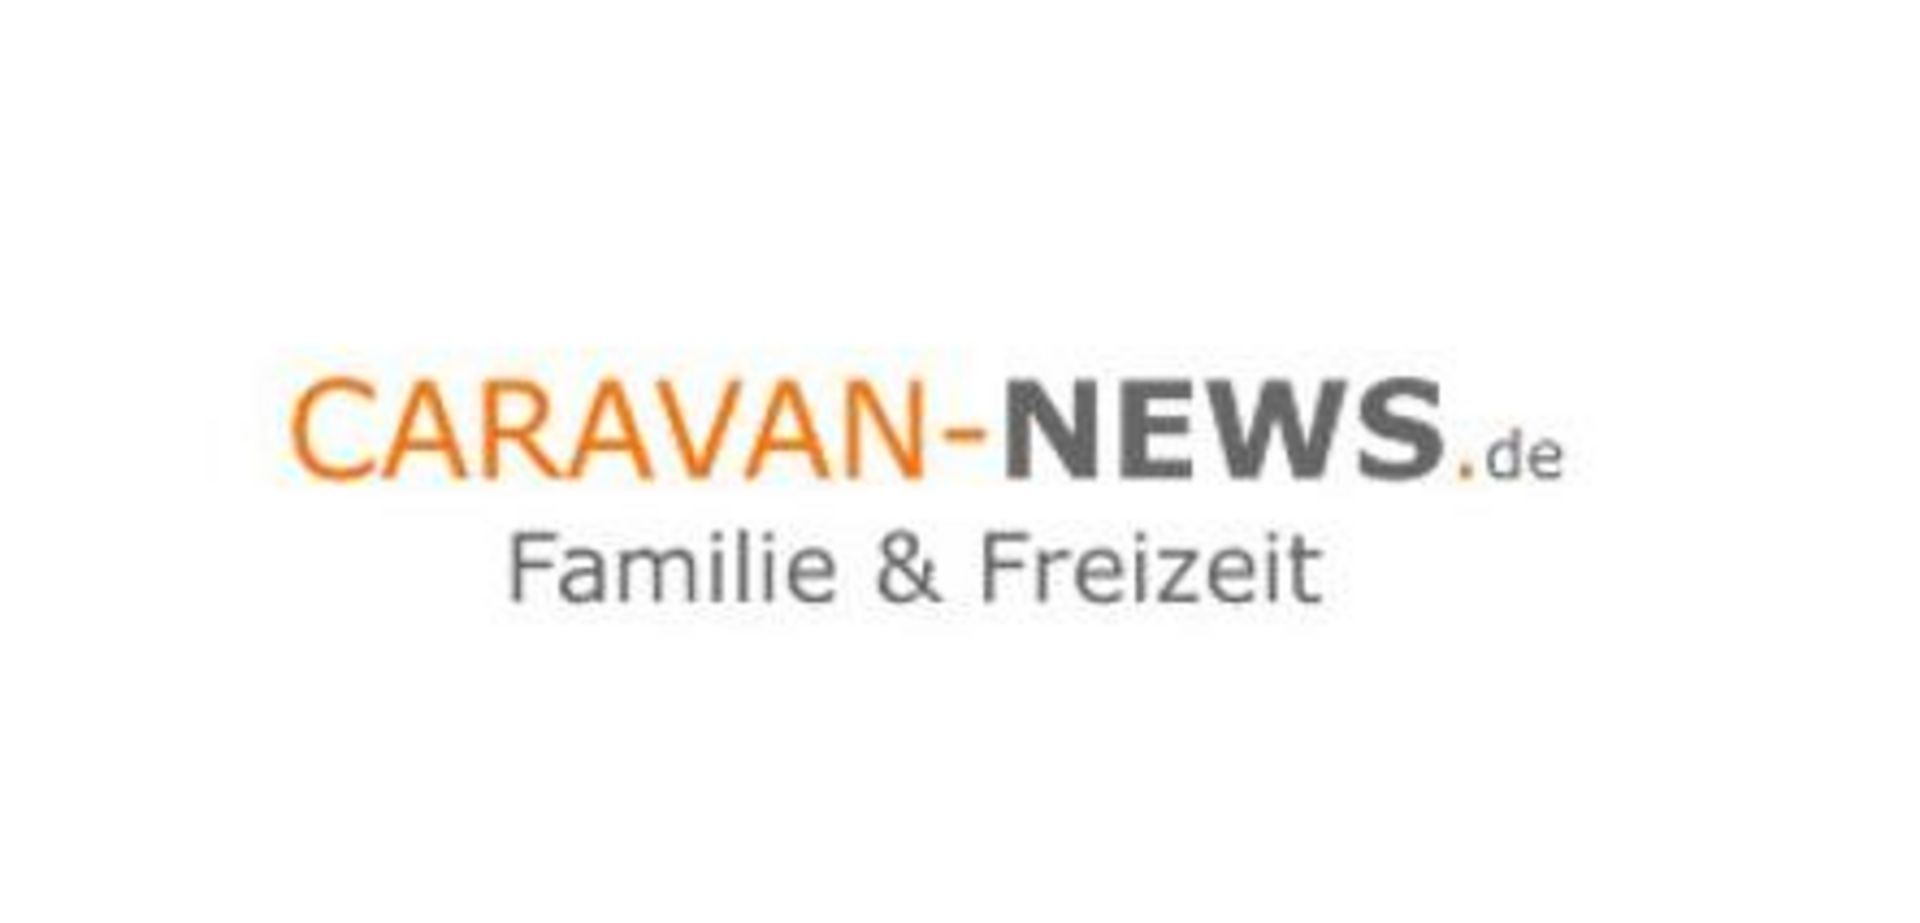 caravan-news-logo.jpg